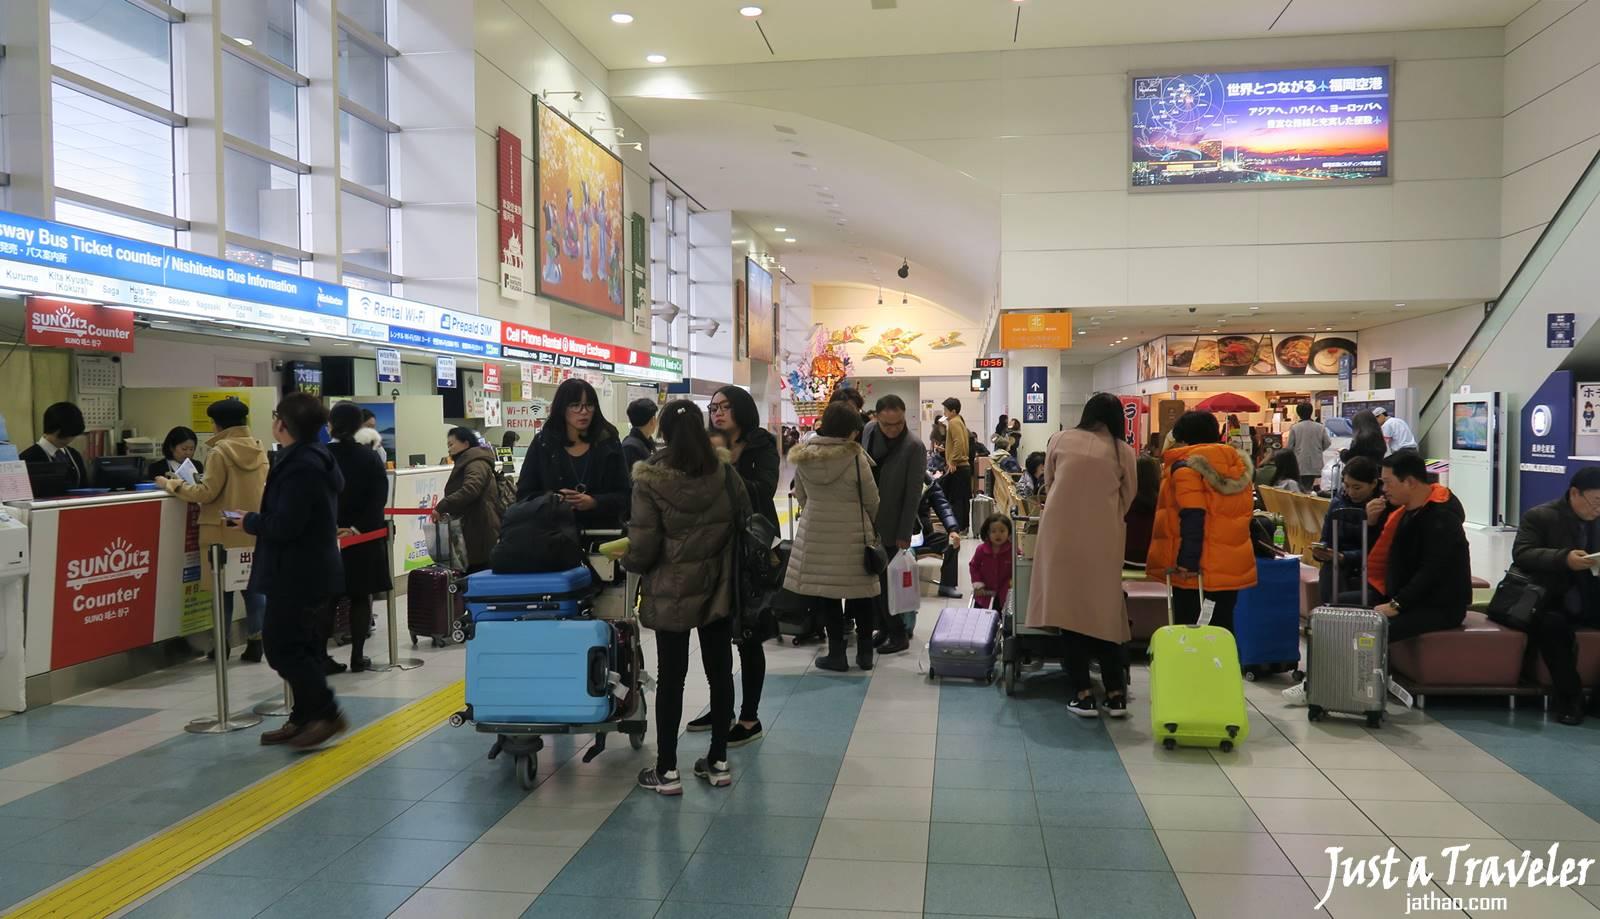 九州-交通-SUNQ PASS-福岡機場-九州巴士-九州公車-自由乘車券-北九州SUNQ PASS-南九州SUNQ PASS-全九州SUNQ PASS-三日券-四日券-優惠-折扣-使用-購買-票價-Kyushu